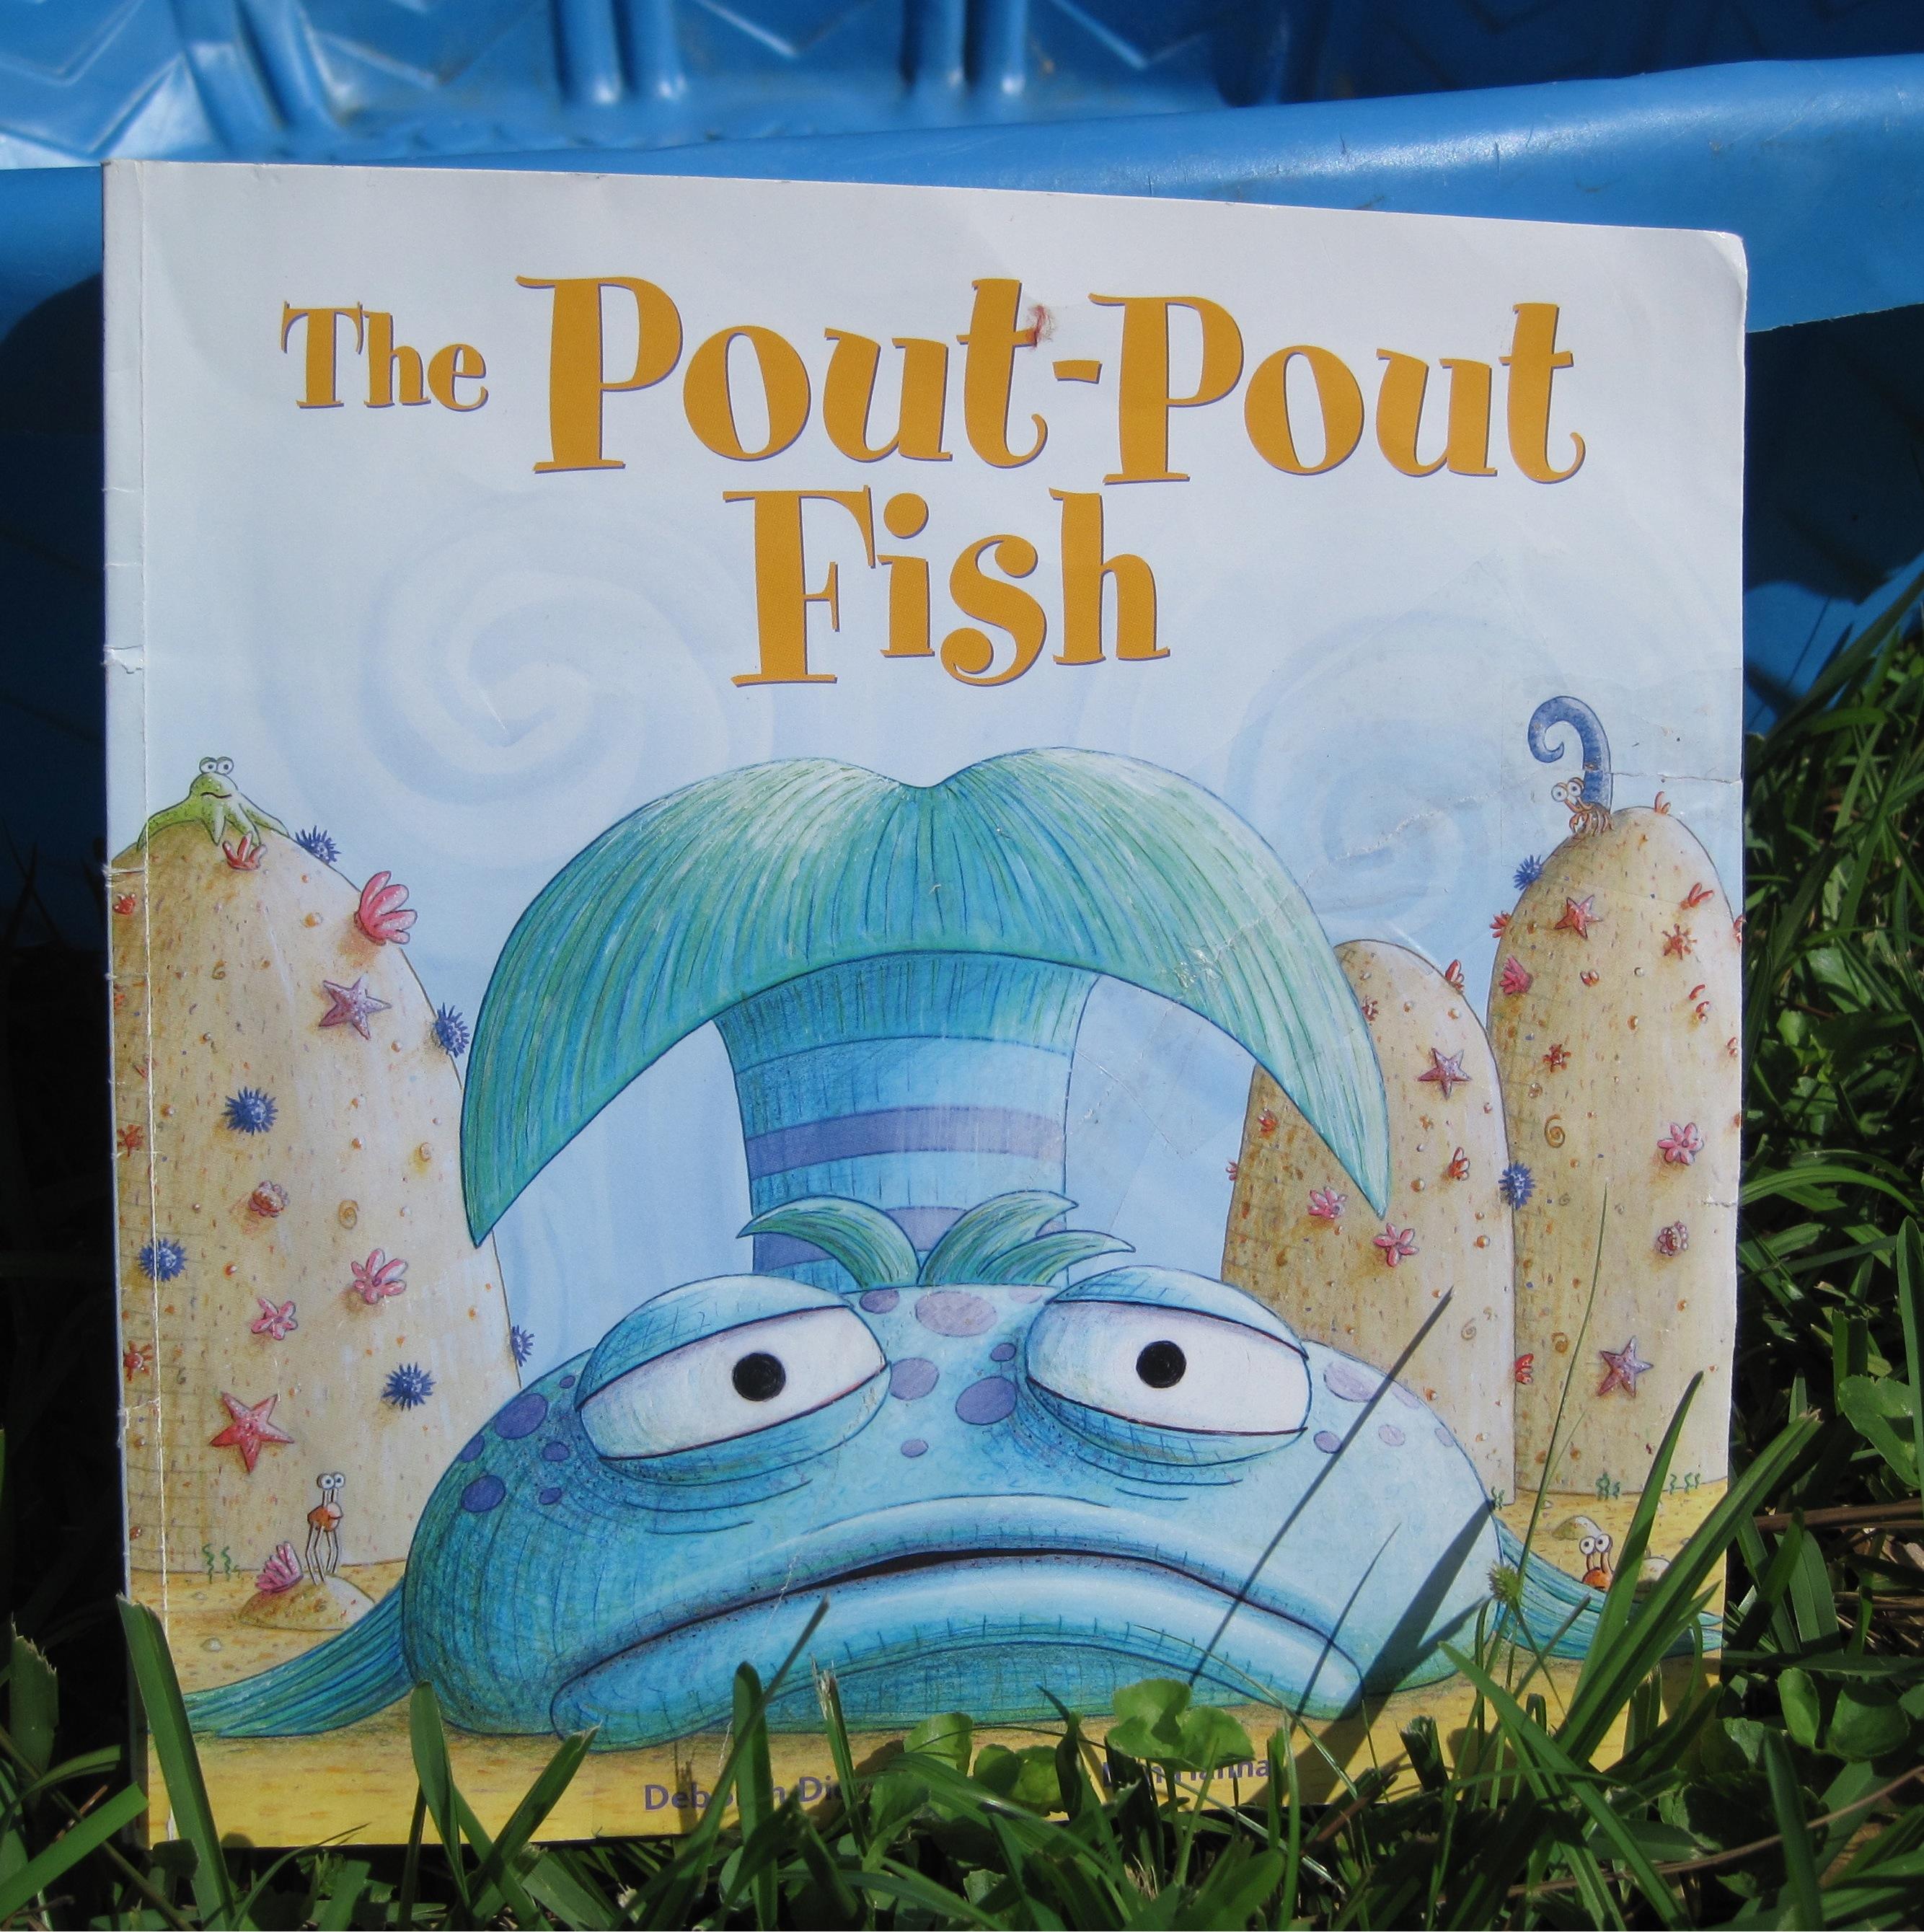 The pout pout fish by deborah diesen friends of atticus for The pout pout fish